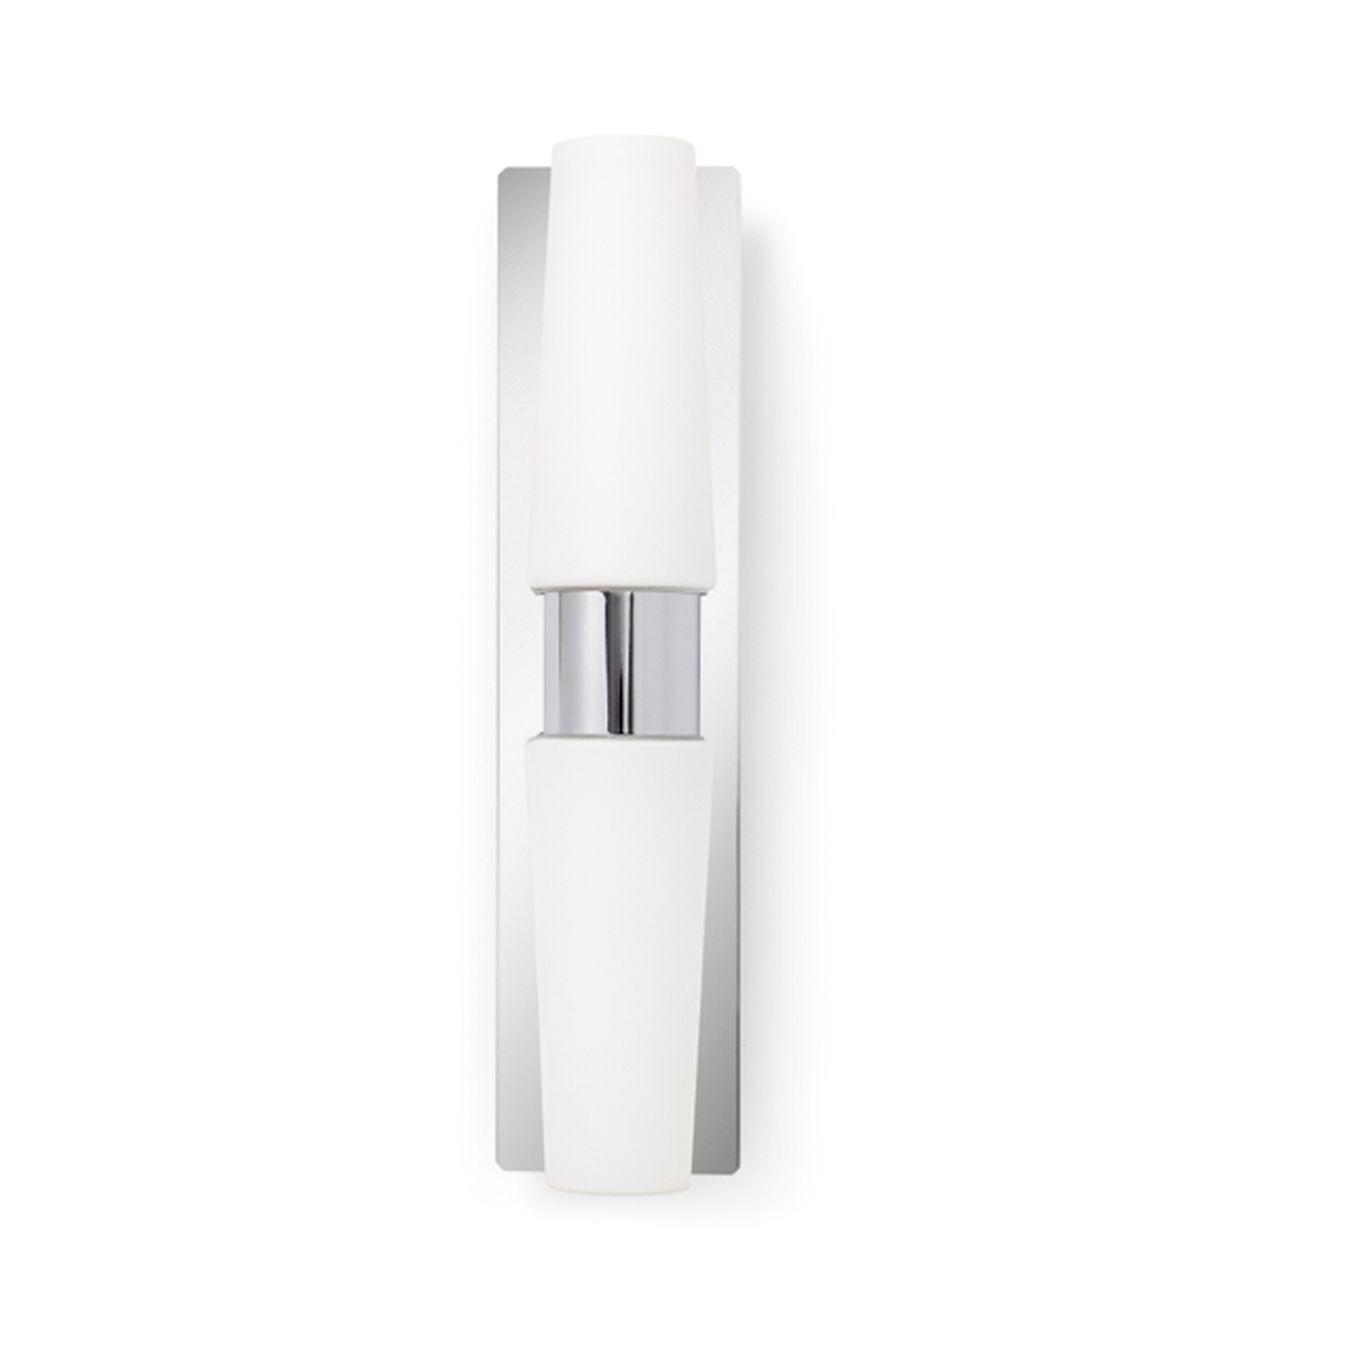 Aplique de pared ba o de doble luz iluminacion lamparas for Lamparas led para banos